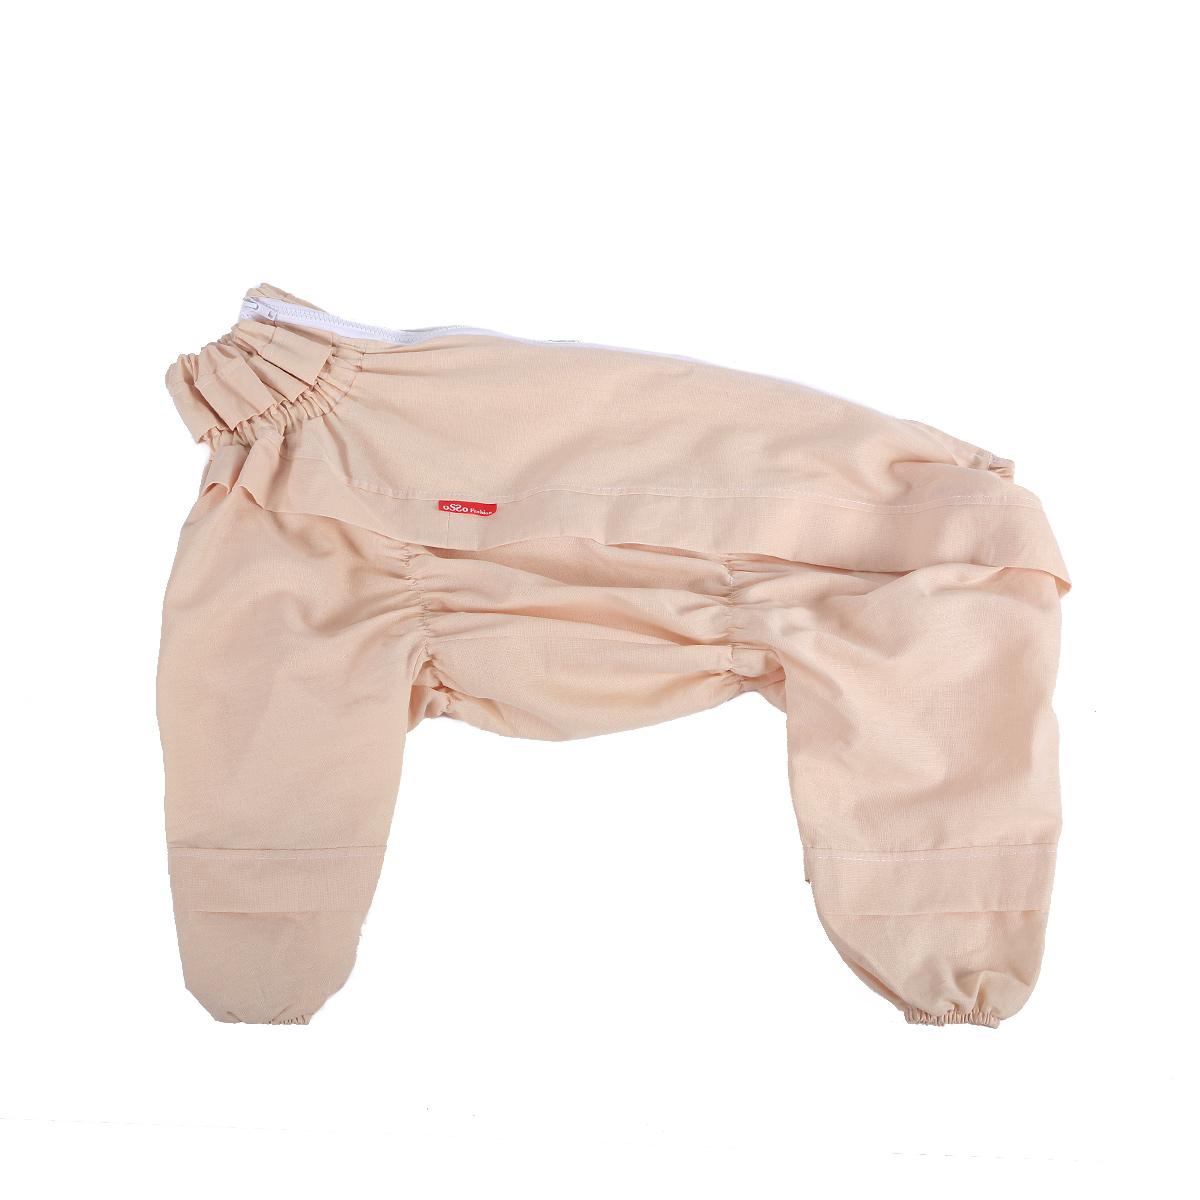 Комбинезон для собак OSSO Fashion, от клещей, для девочки, цвет: бежевый. Размер 30Кк-1019Комбинезон для собак OSSO Fashion изготовлен из 100% хлопка, имеет светлую расцветку, на которой сразу будут заметны кровососущие насекомые. Комбинезон предназначен для защиты собак во время прогулок по парку и лесу. Разработан с учетом особенностей поведения клещей. На комбинезоне имеются складки-ловушки на груди, на штанинах, на боках комбинезона и на шее, которые преграждают движение насекомого вверх. Комбинезон очень легкий и удобный. Низ штанин на резинке, на спине застегивается на молнию.Длина спинки: 30 см.Объем груди: 40-48 см.